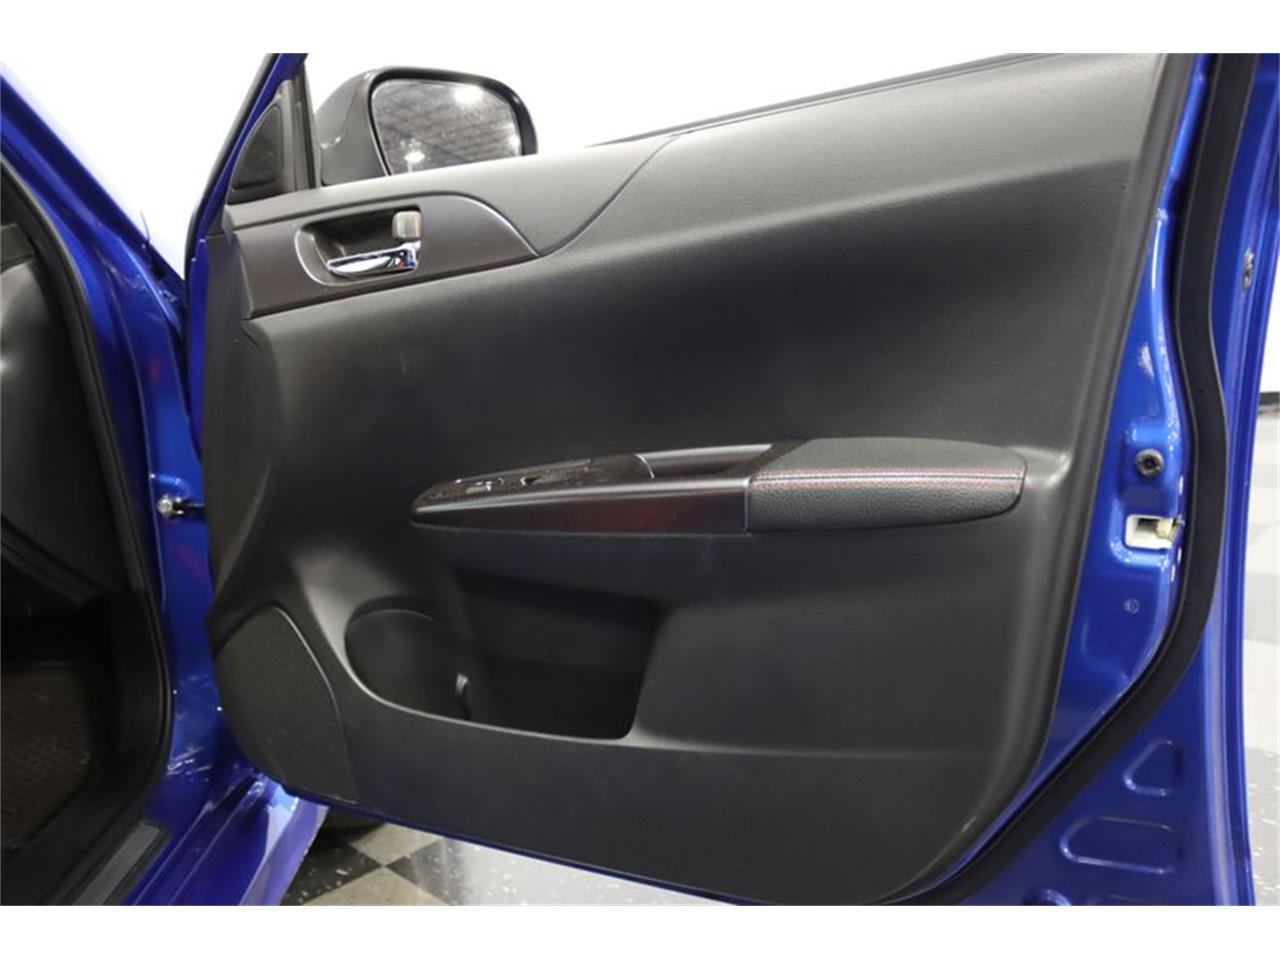 2012 Subaru WRX (CC-1385740) for sale in Ft Worth, Texas